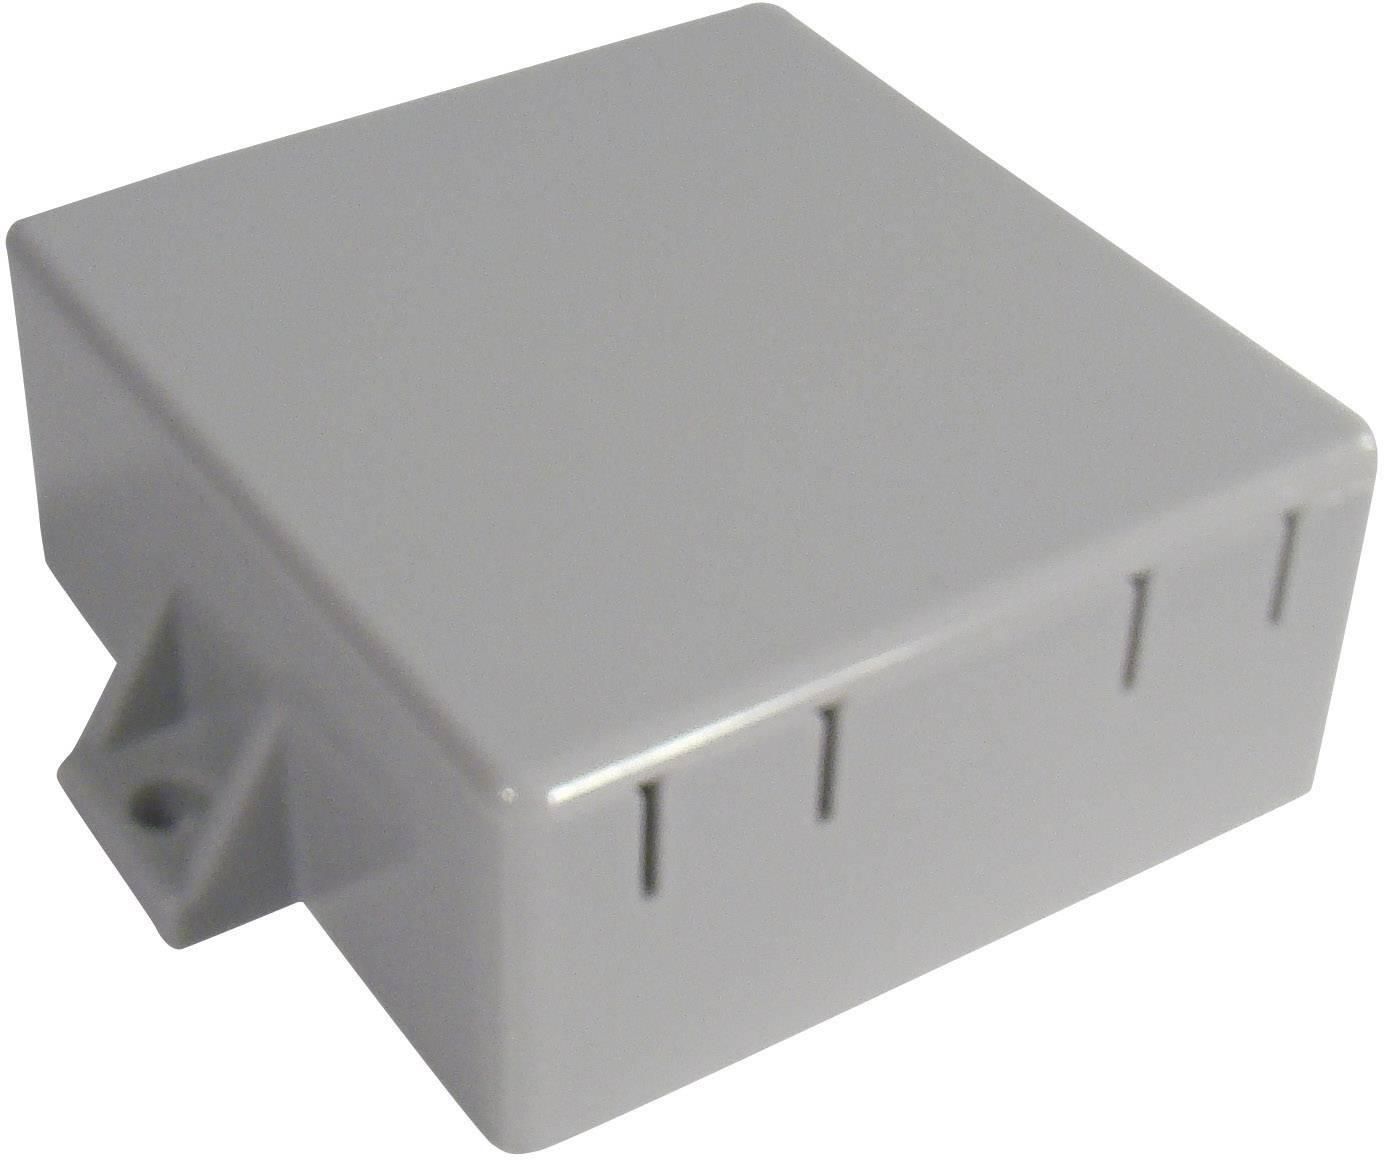 Malá modulová skříň WeroPlast, (d x š x v) 64 x 60 x 26 mm, šedá